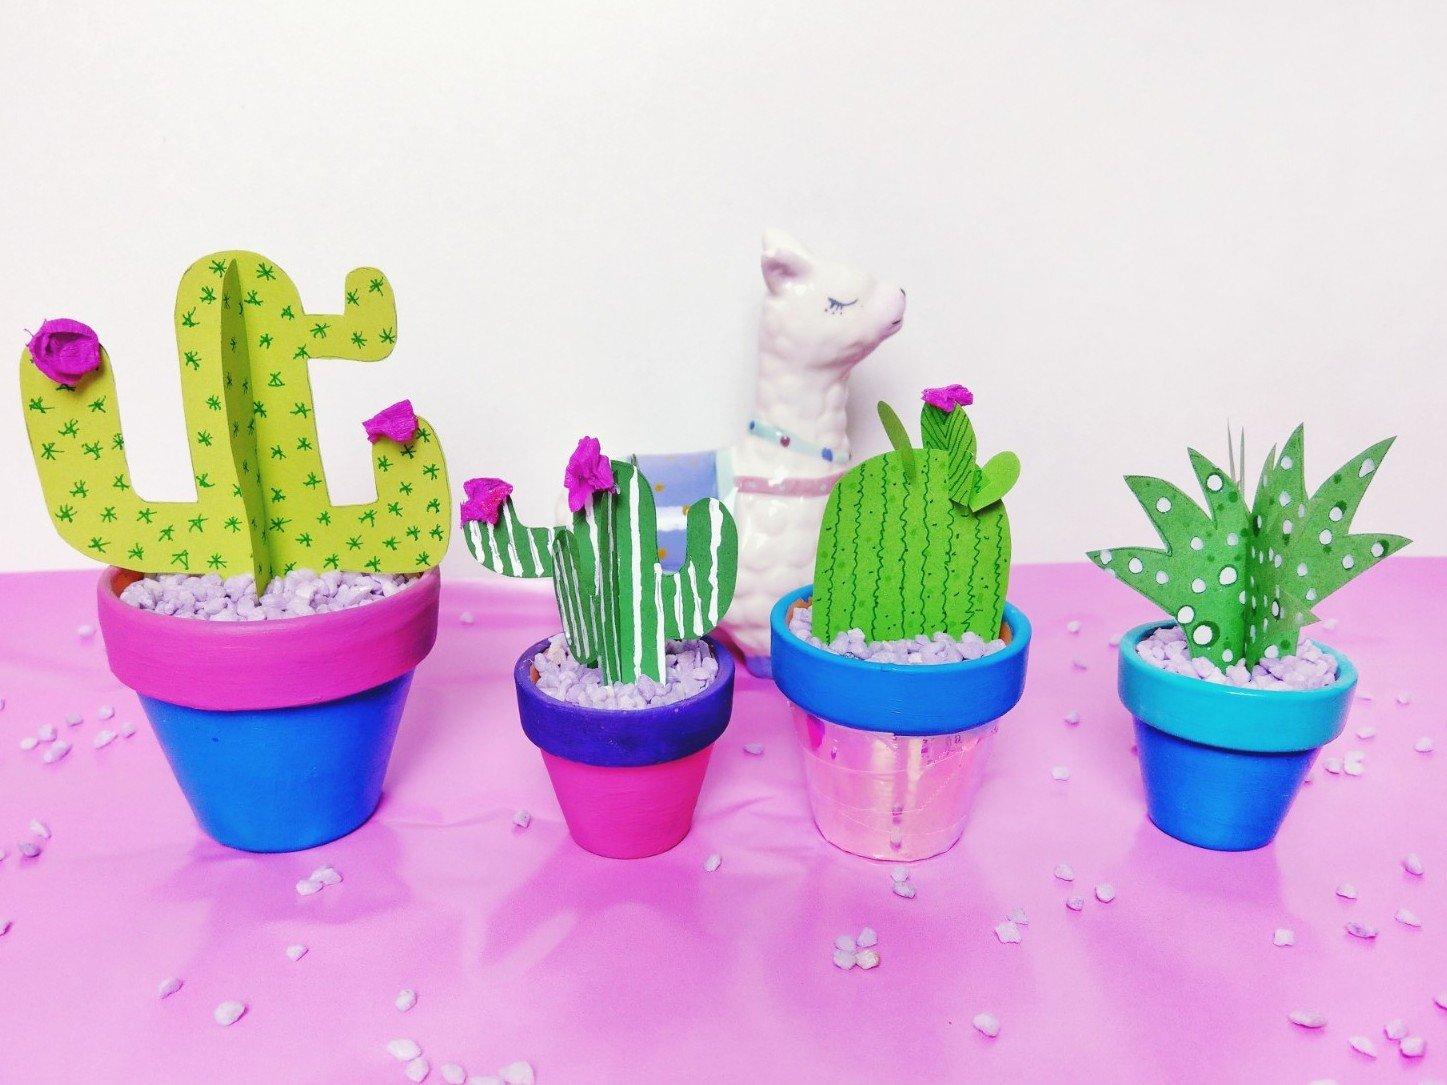 Kaktus aus Papier basteln – DIY Dekoration im Blumentopf